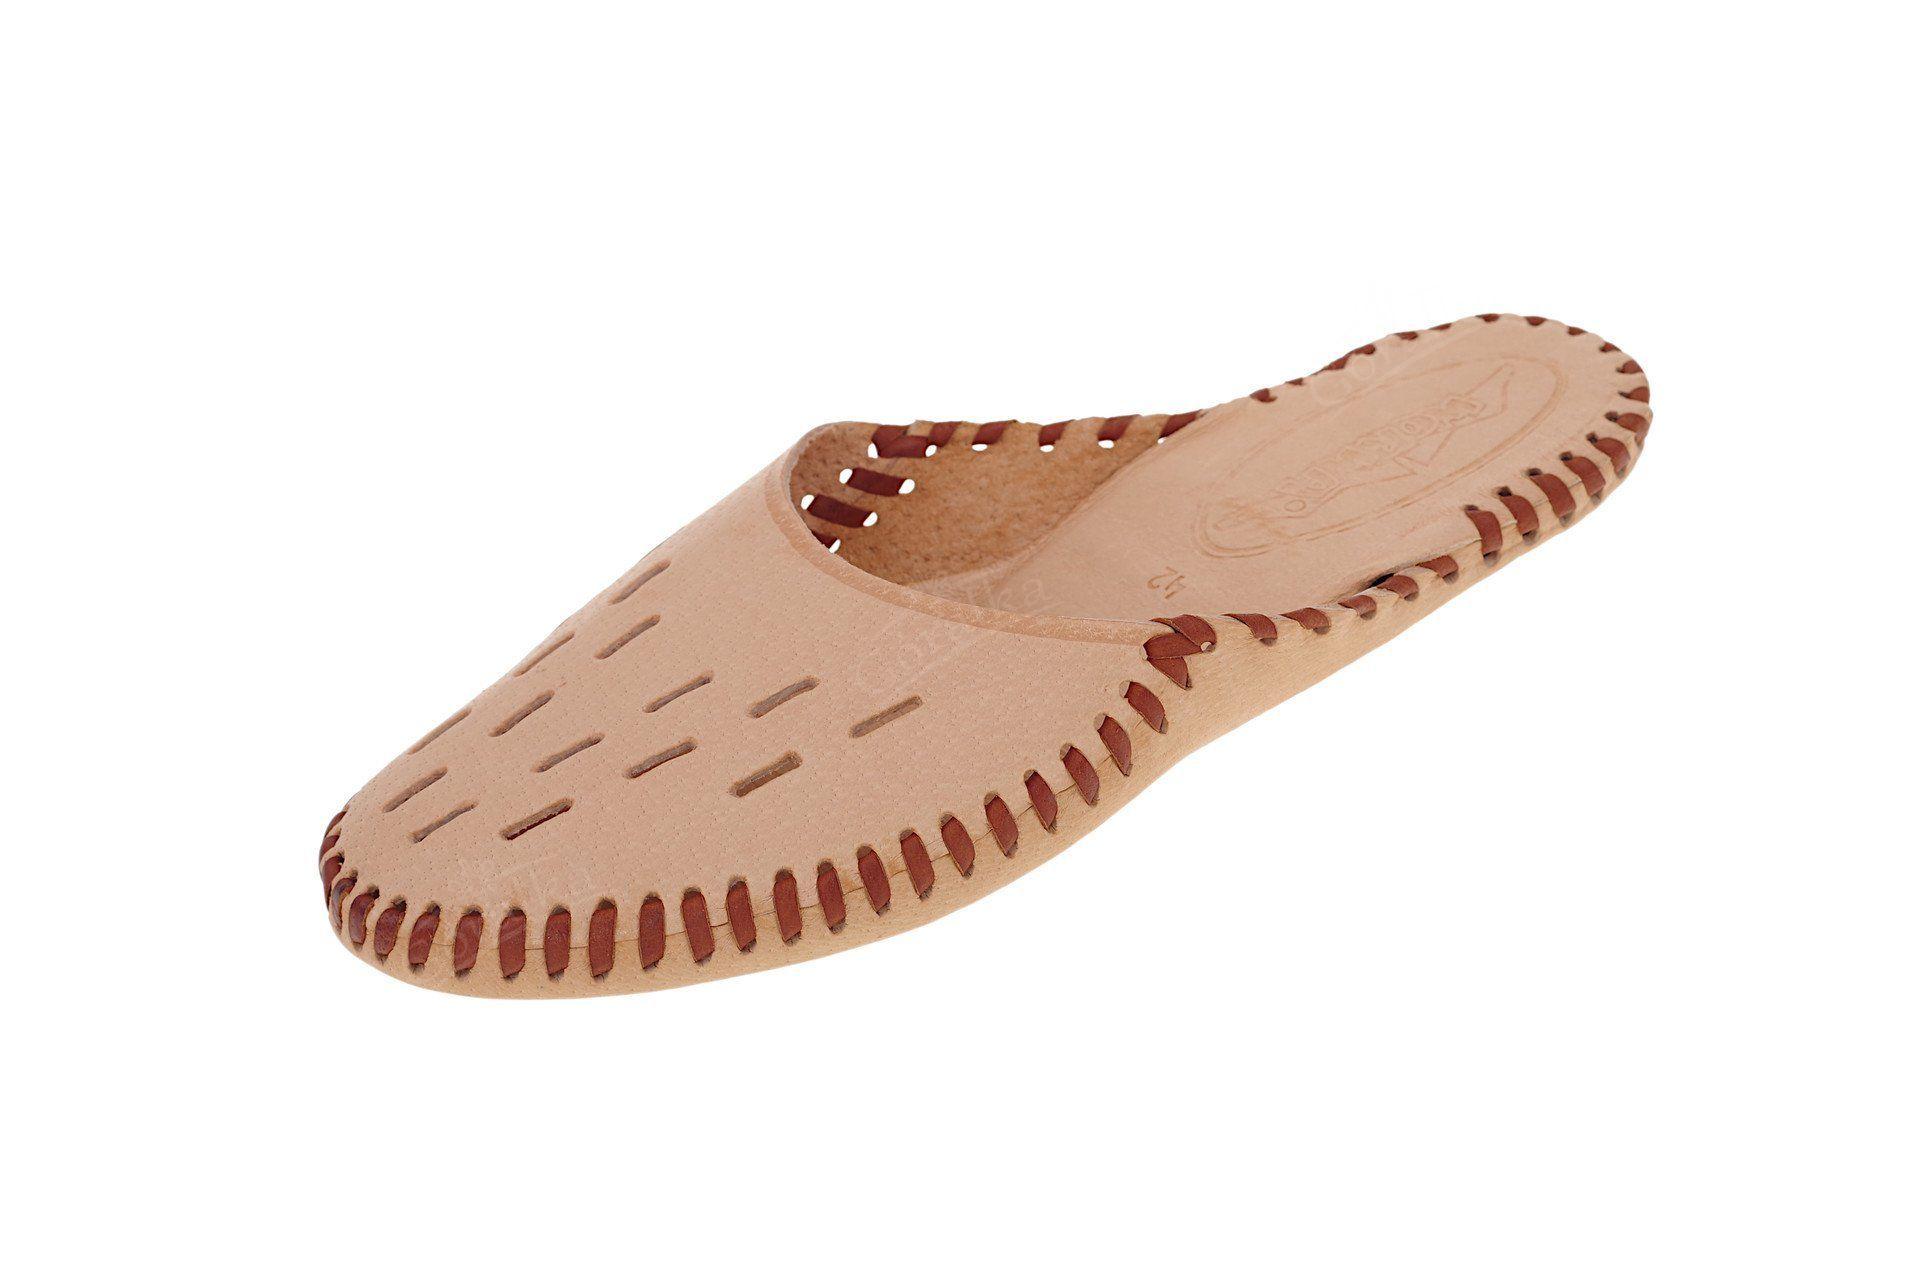 cf0a3c7f480b1 Pantofle góralskie skórzane rzemyki szyte ręcznie z podeszwą skórzaną